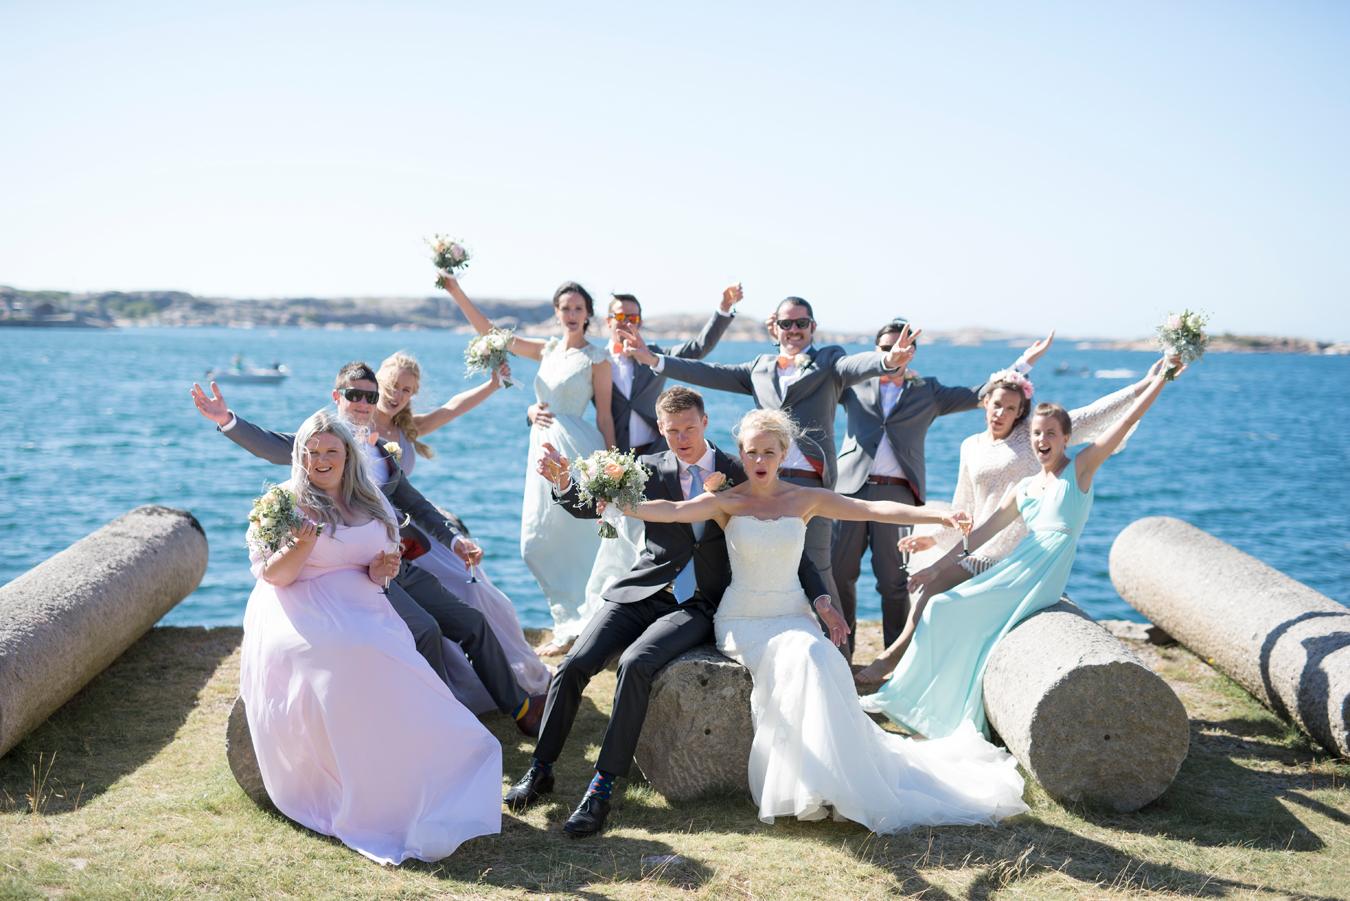 043-bröllopsfotograf-ulebergshamn-göteborg-neas-fotografi.jpg